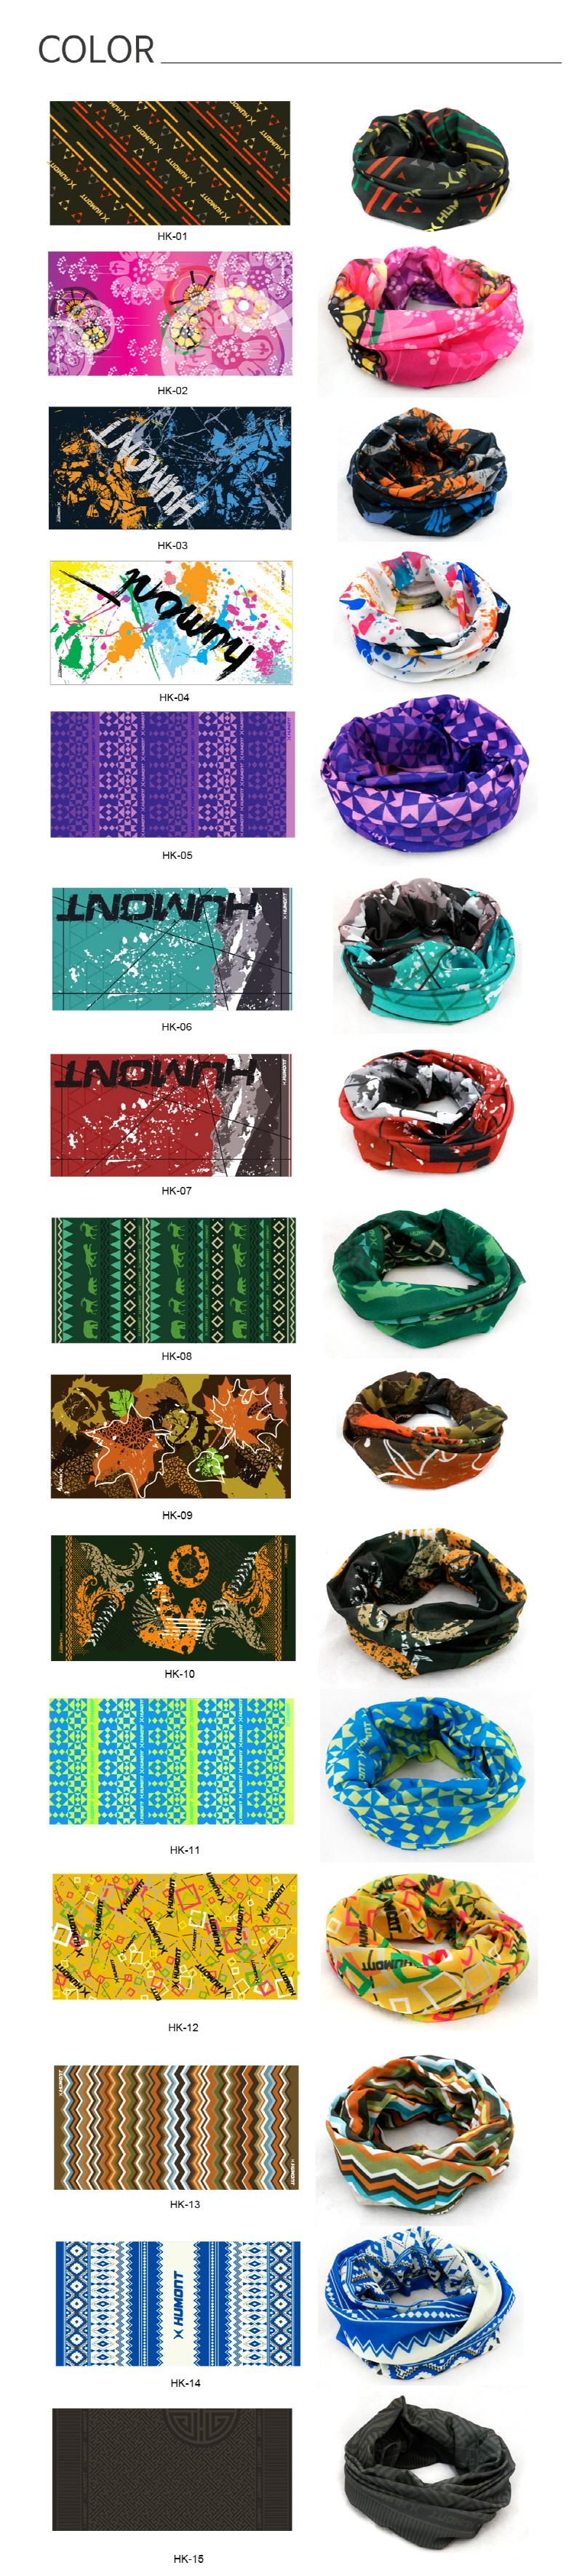 [휴몬트] 국산 멀티스카프(HK-20종)/등산용품 - 아웃도어랜드몰, 4,900원, 등산용품, 등산의류/패션잡화